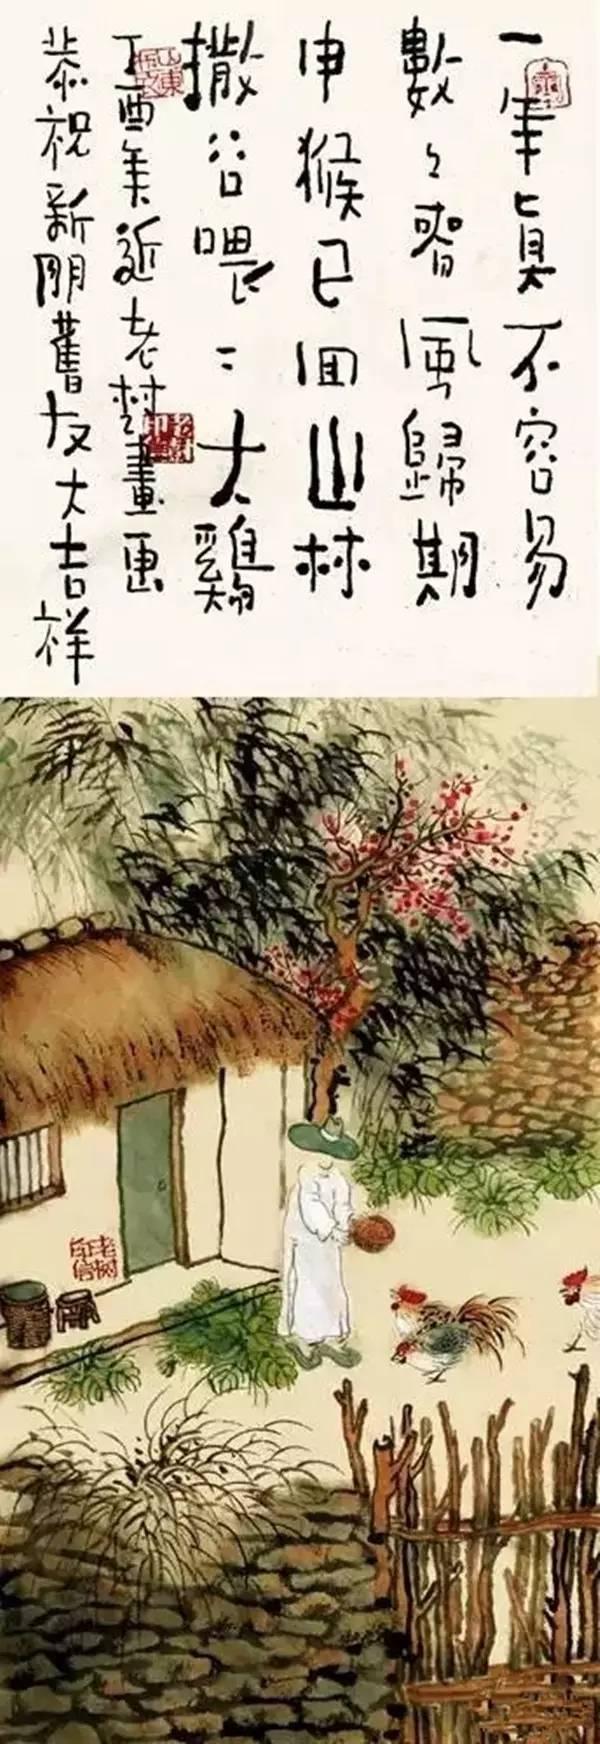 感激糊心,培养好绘——老树